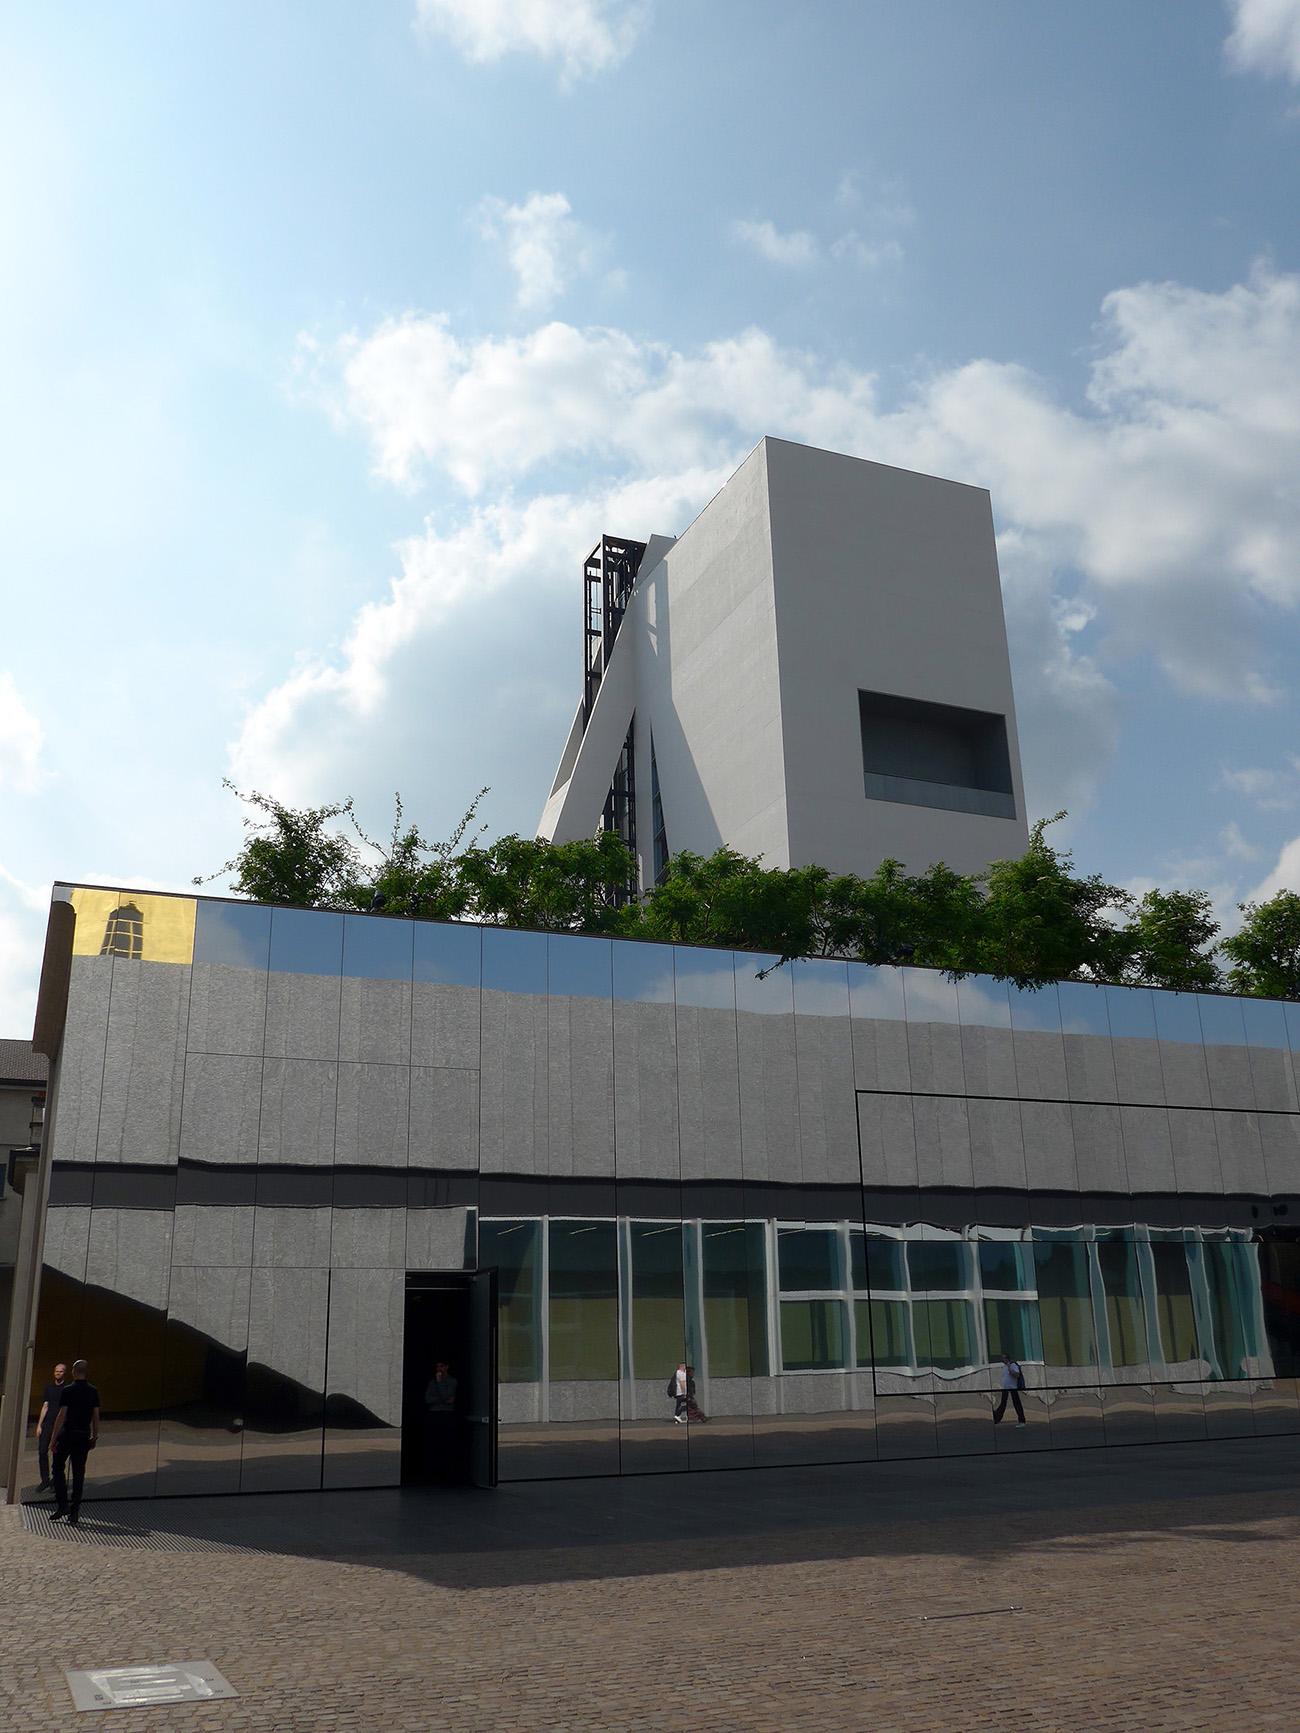 Torre – Fondazione Prada, das ebenfalls eingebaute Kino, welches seinen regelmässigen Betrieb gerade aufnimmt. Links gespiegelt, das